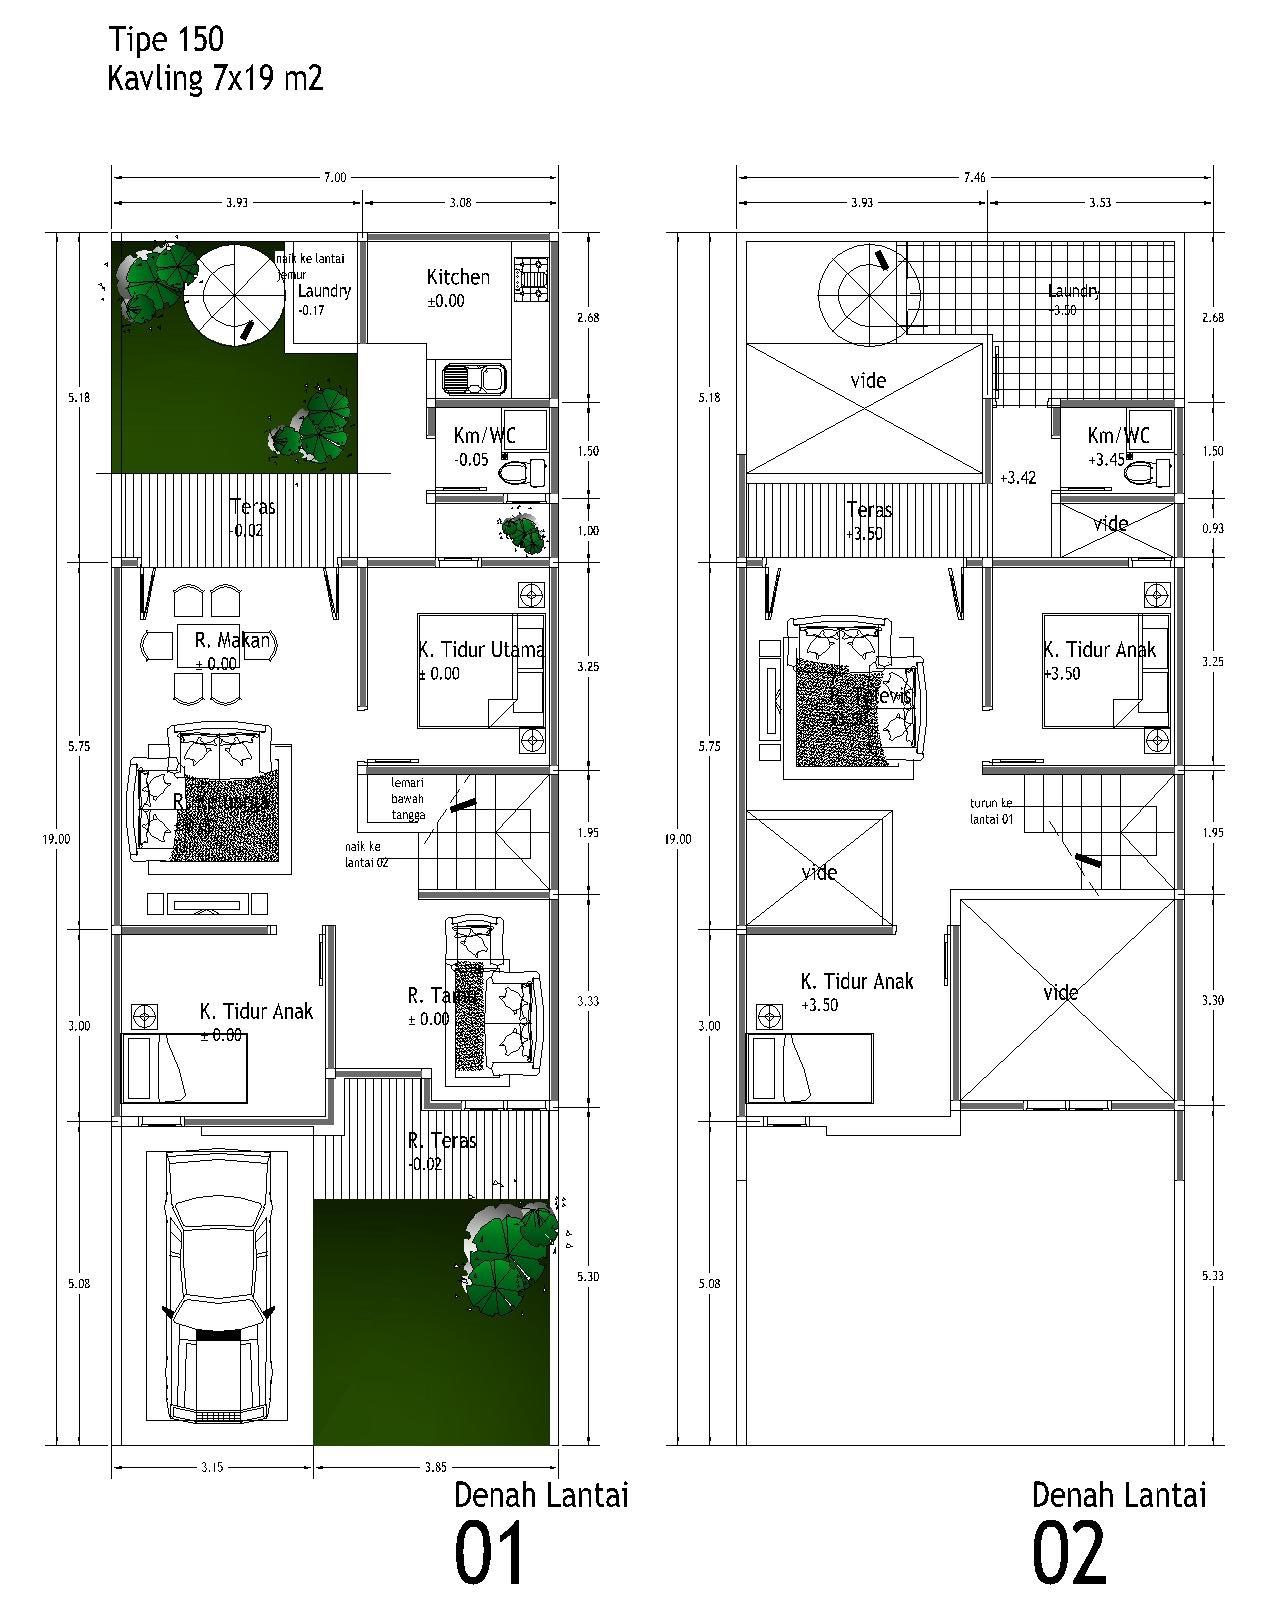 66 Desain Rumah Minimalis Luas Tanah 180 Desain Rumah Minimalis